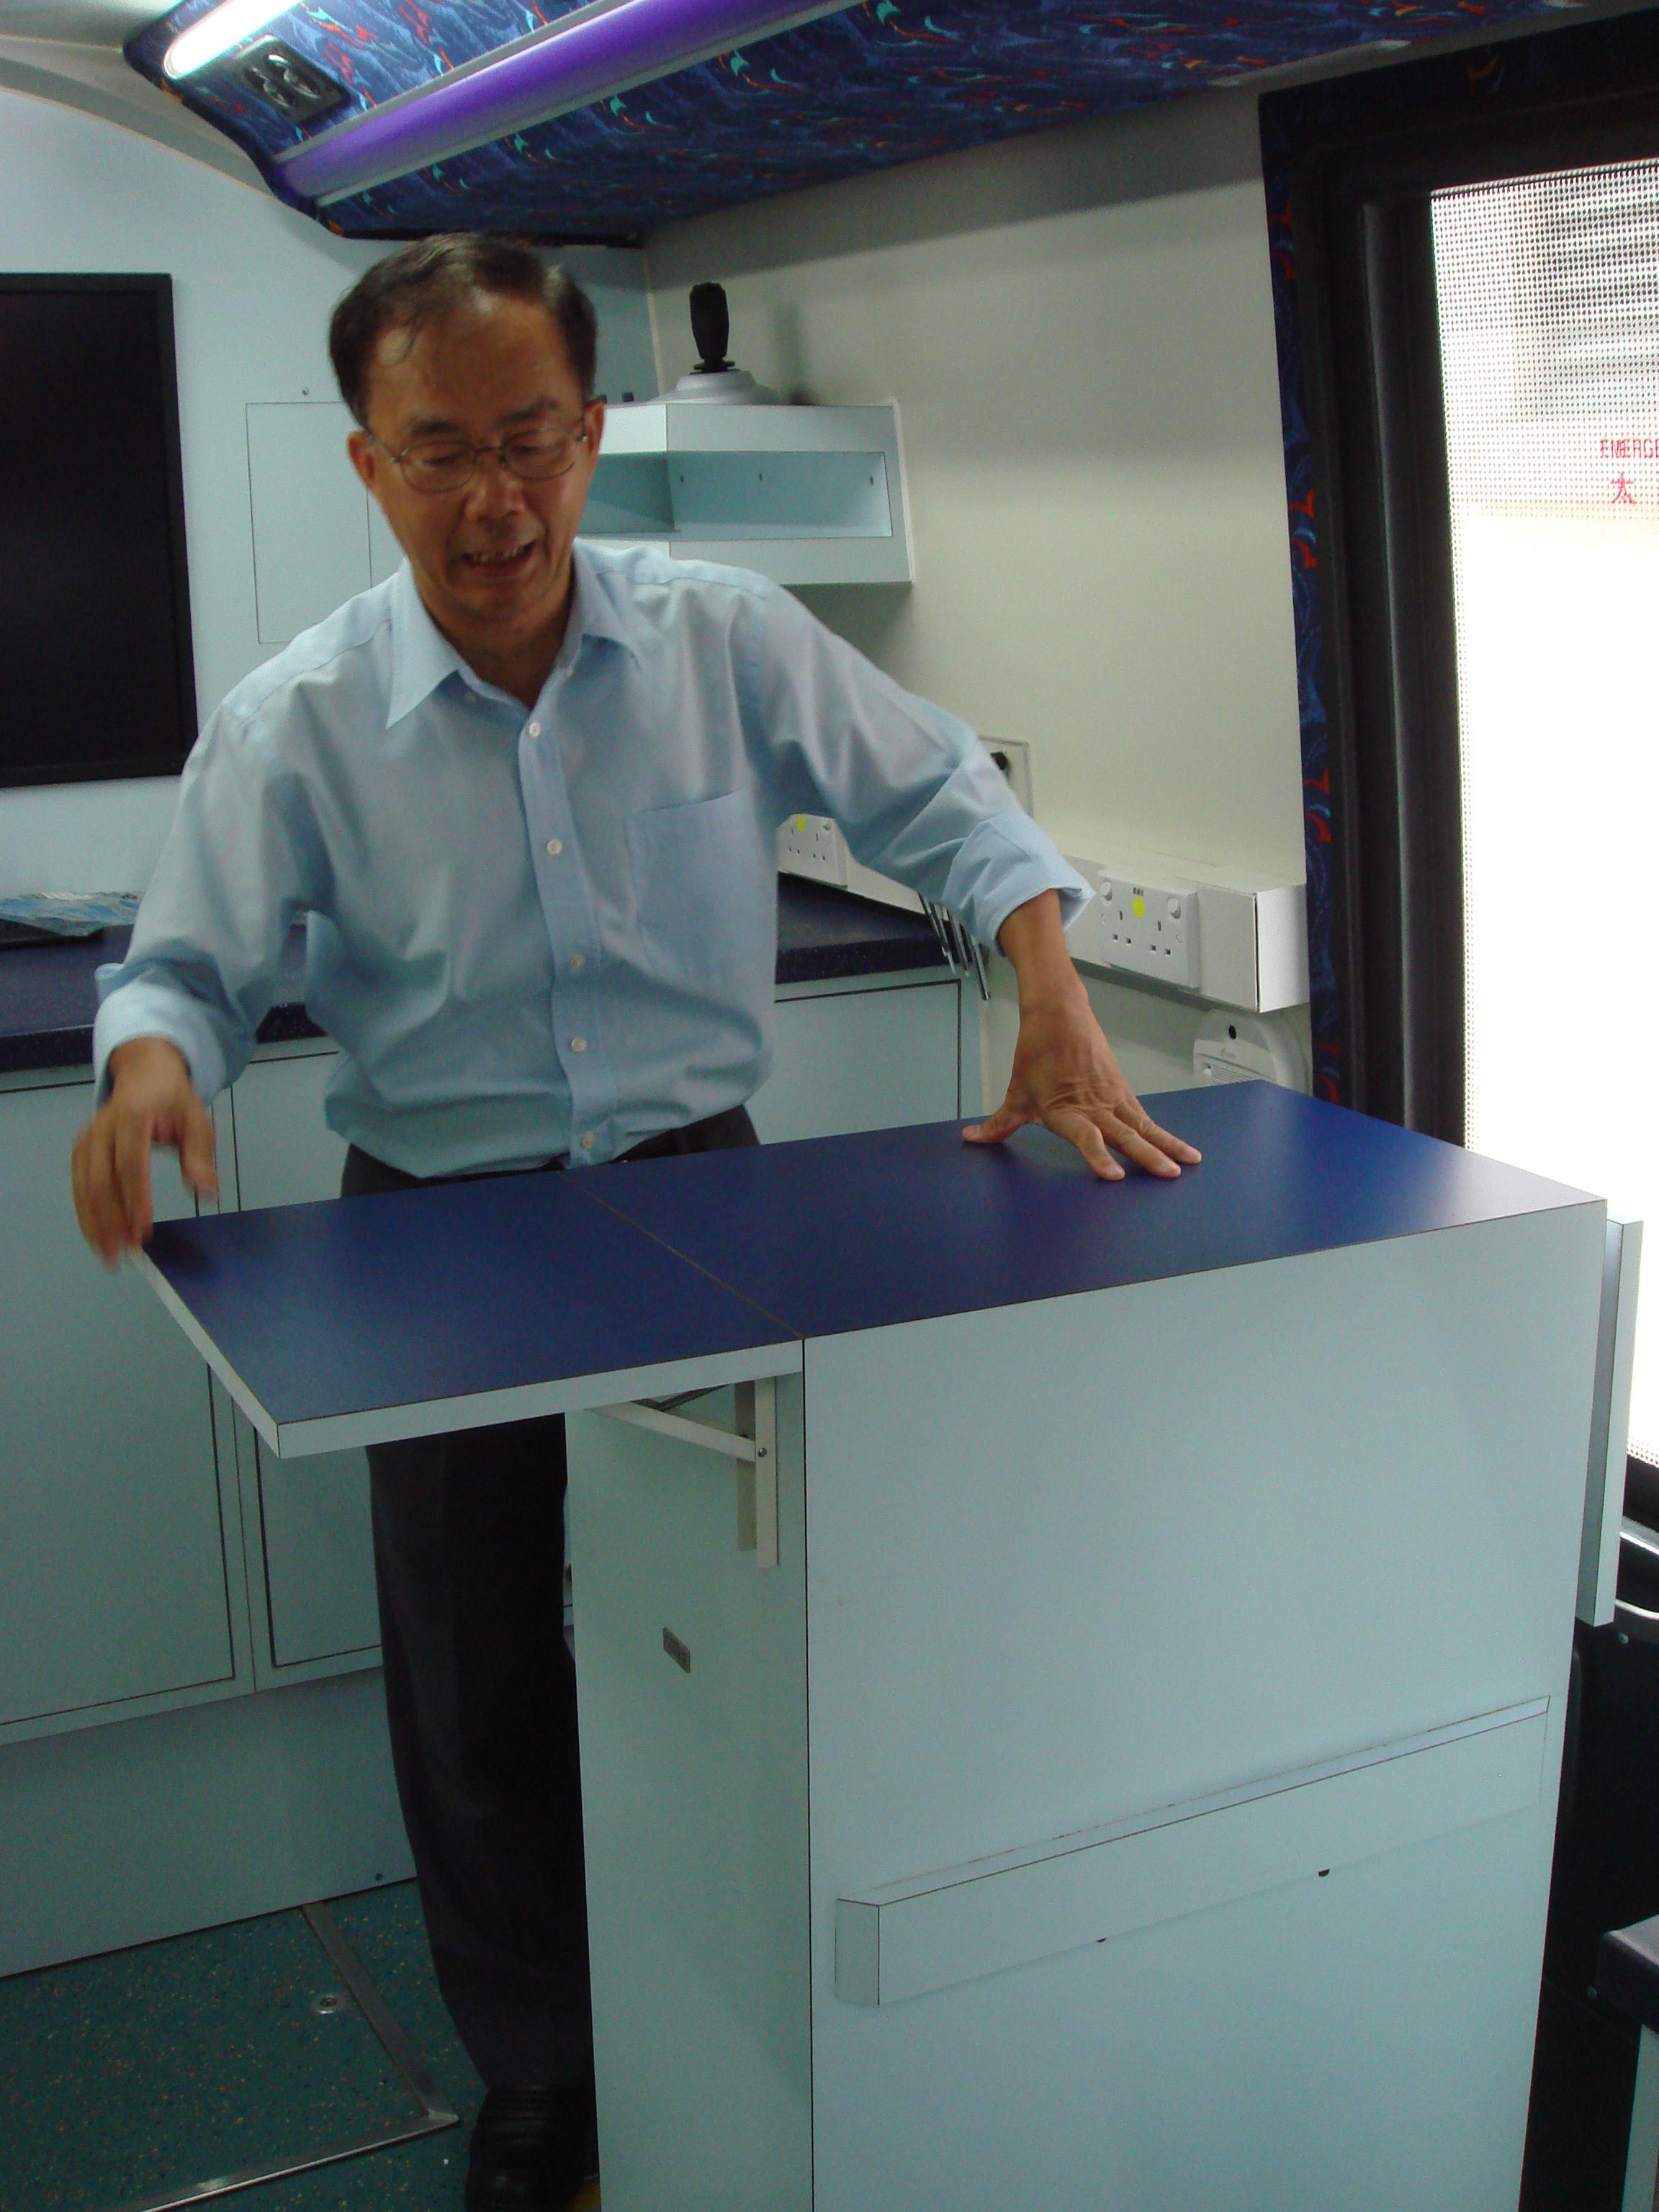 Dr. William Mak and his teaching podium.